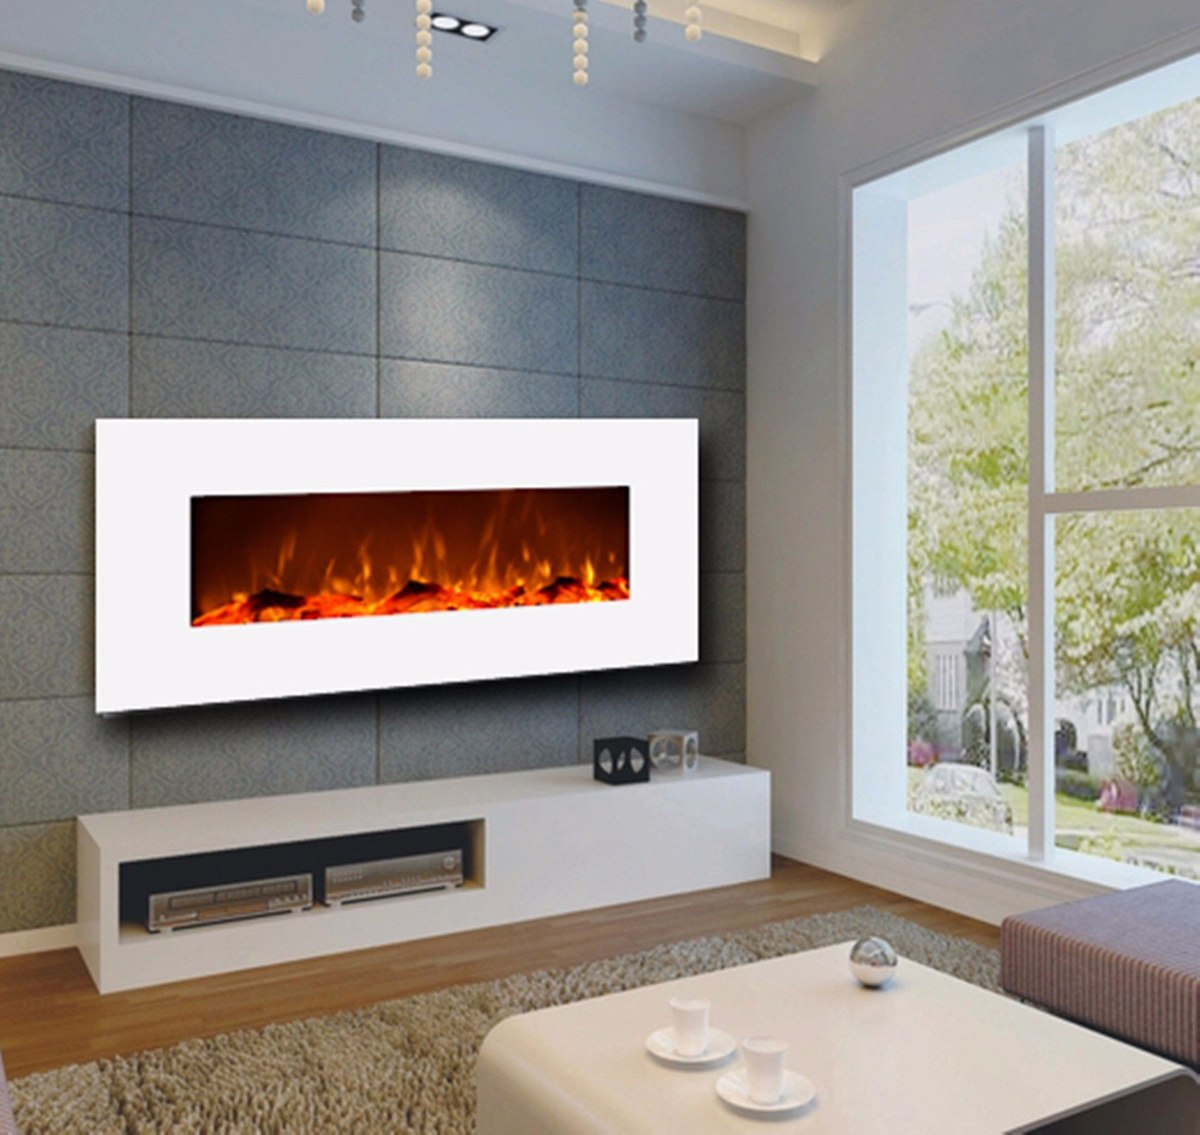 Chimenea electrica rectangular de pared color blanco - Chimenea de pared ...